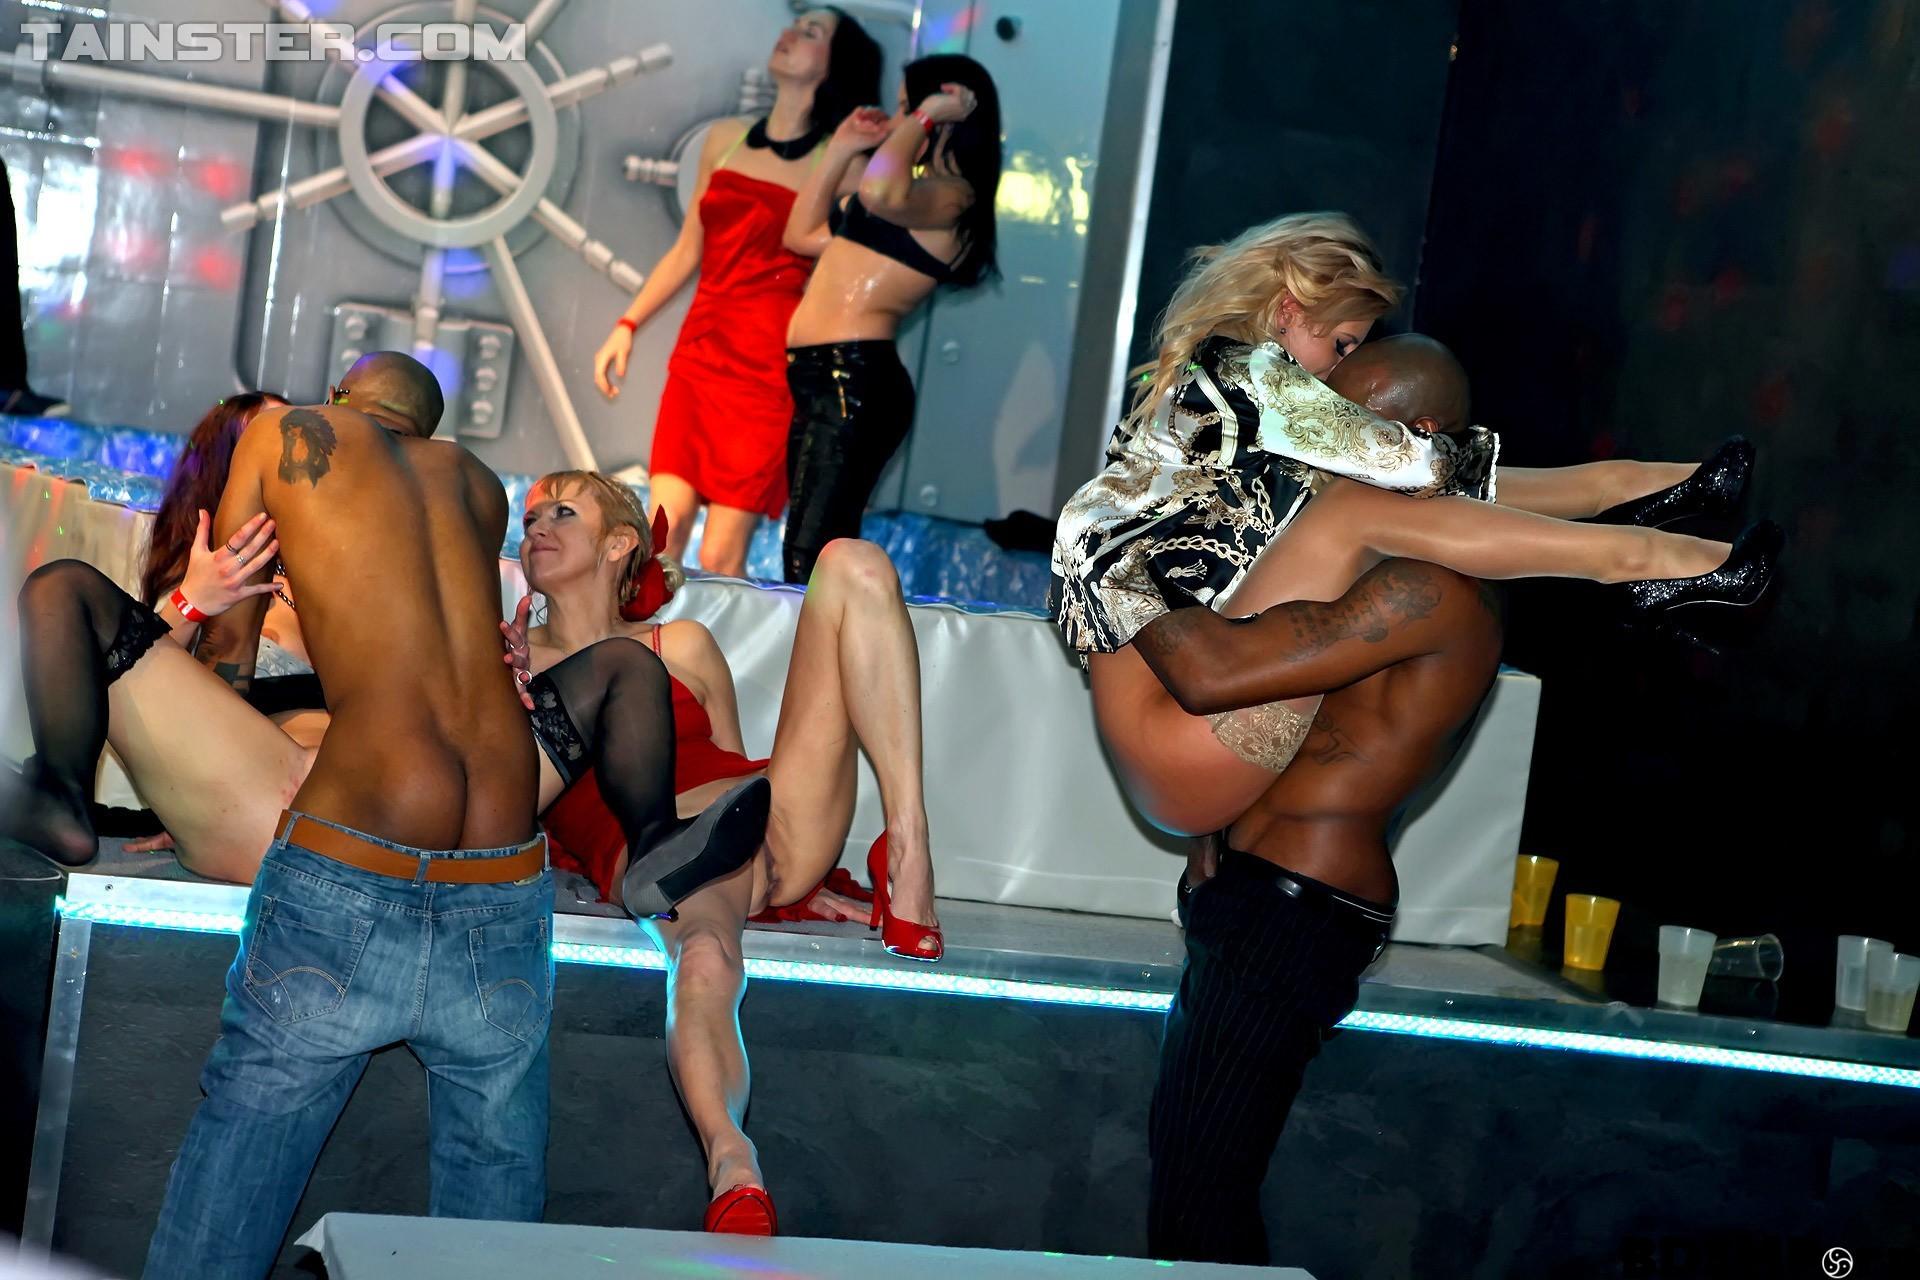 фото задойного в трусах на вечеринке - 11